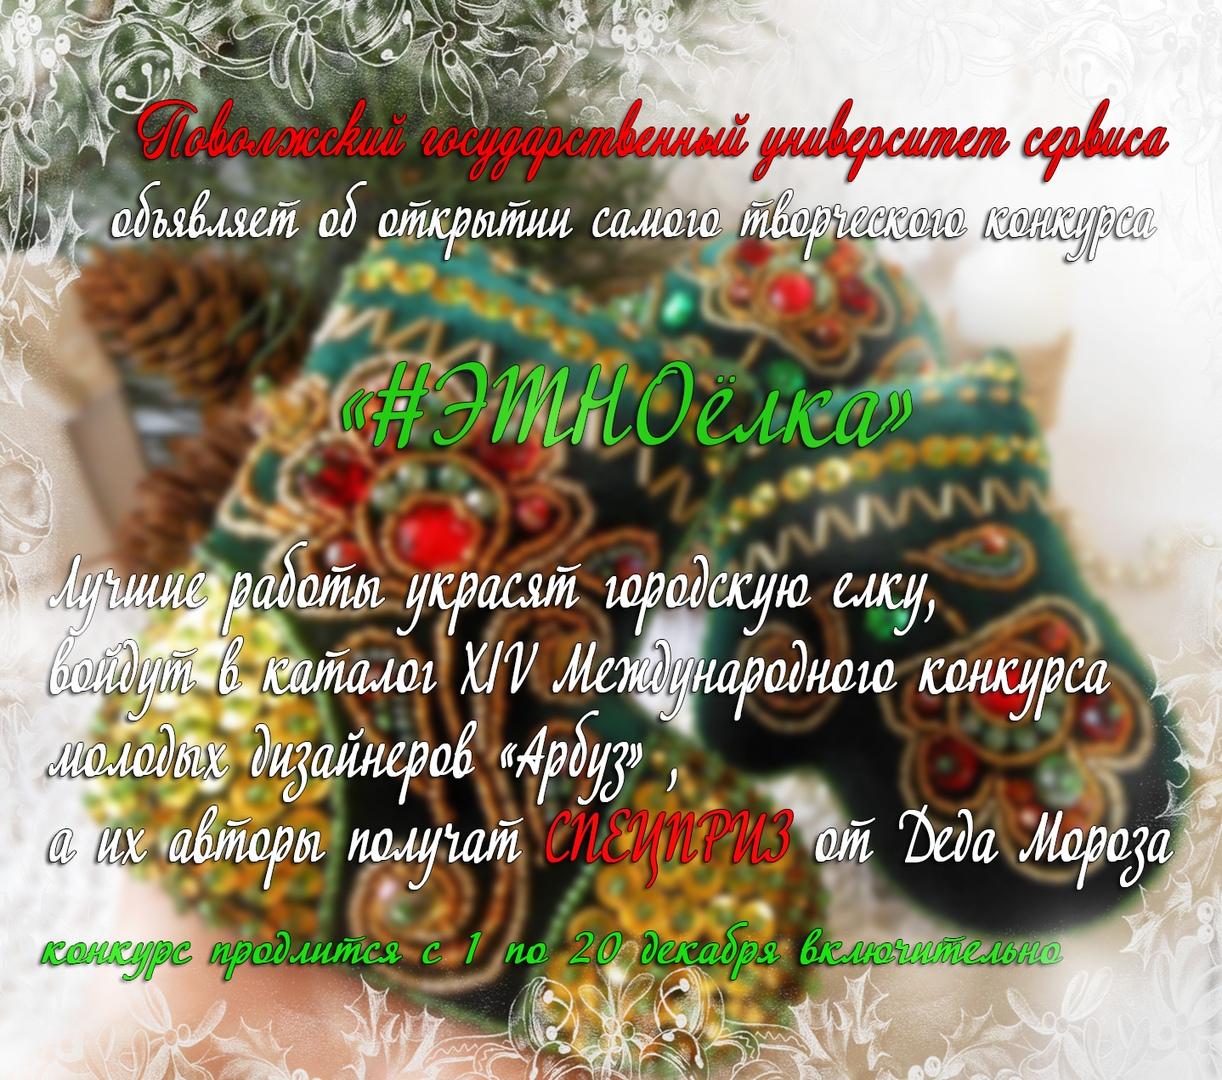 В Тольятти пройдет самый творческий конкурс «#ЭТНОёлка»